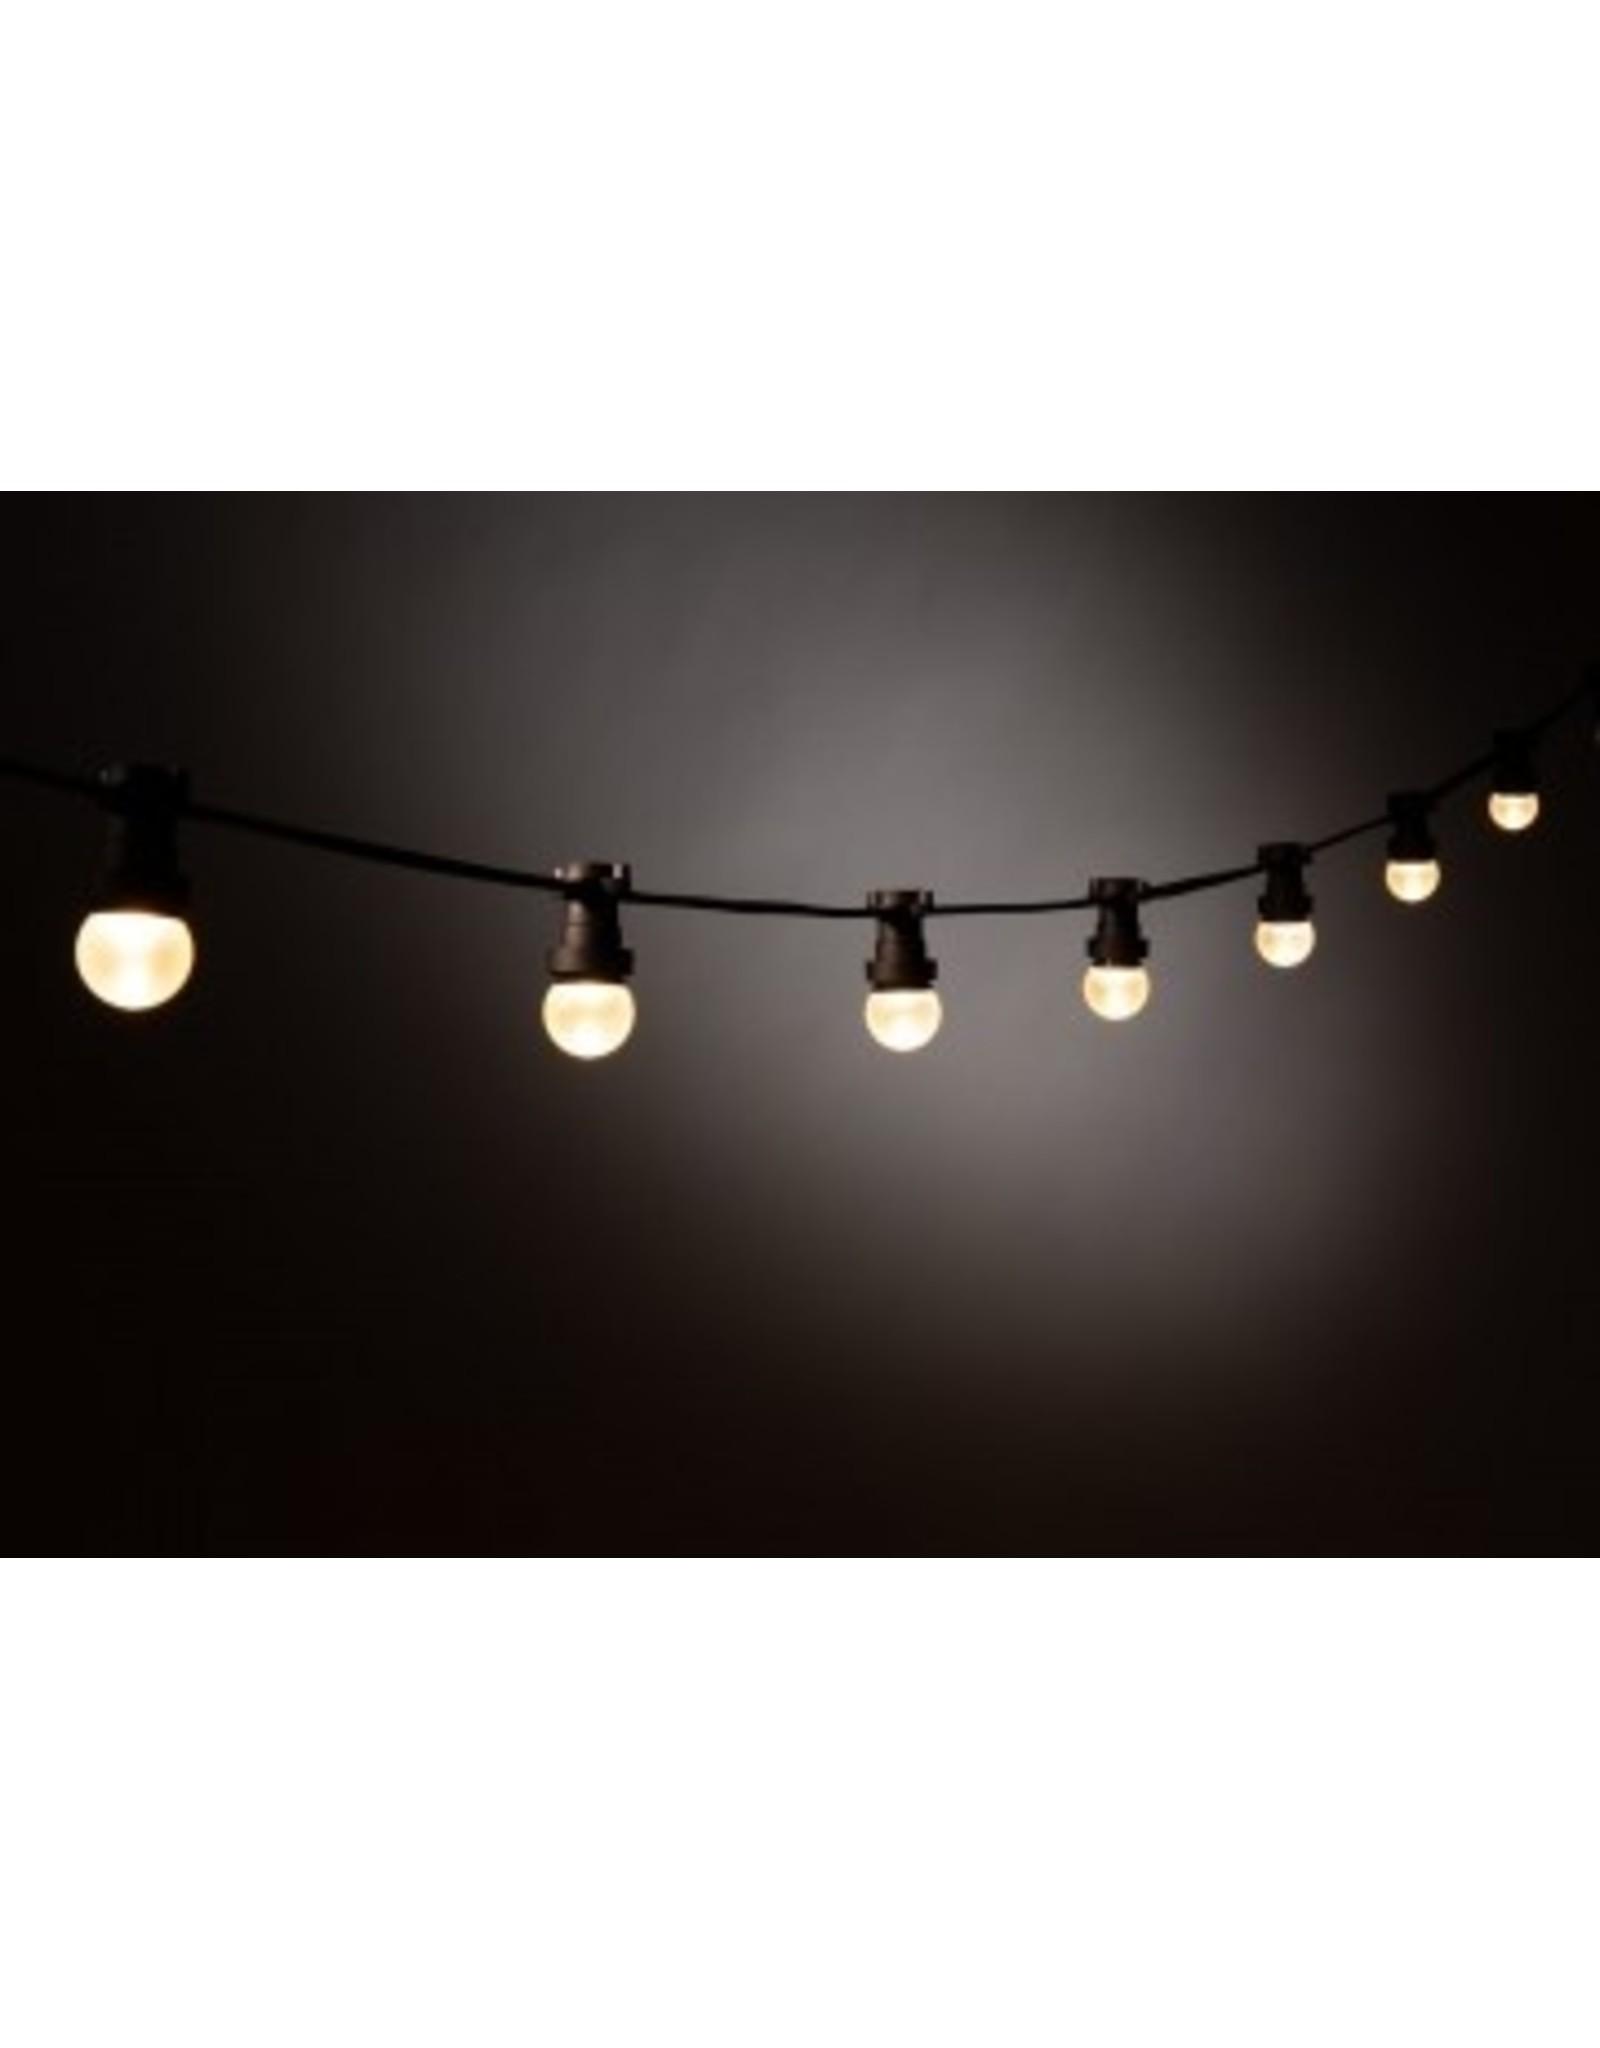 Lights guirlande Lichtslinger outdoor, 5m met 10 fittingen, zwarte kabel + startkabel